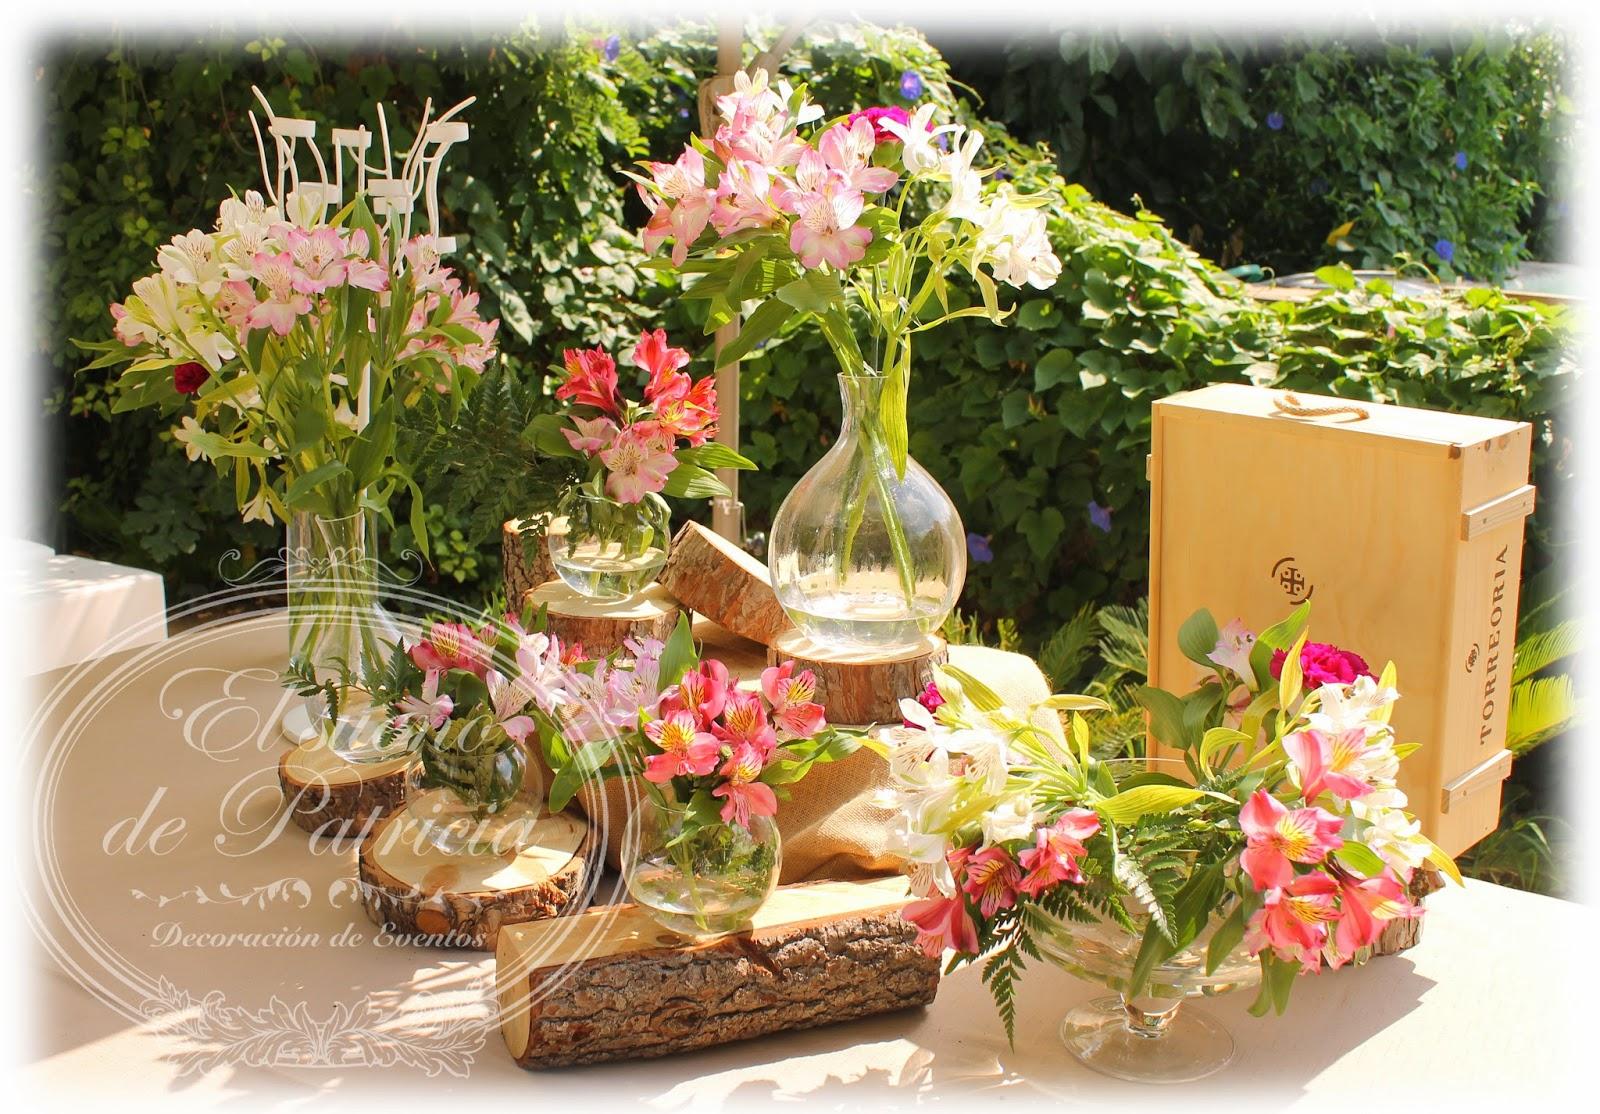 Vino decoraci n de la decoraci 243 n para tu boda con for Adornos boda jardin